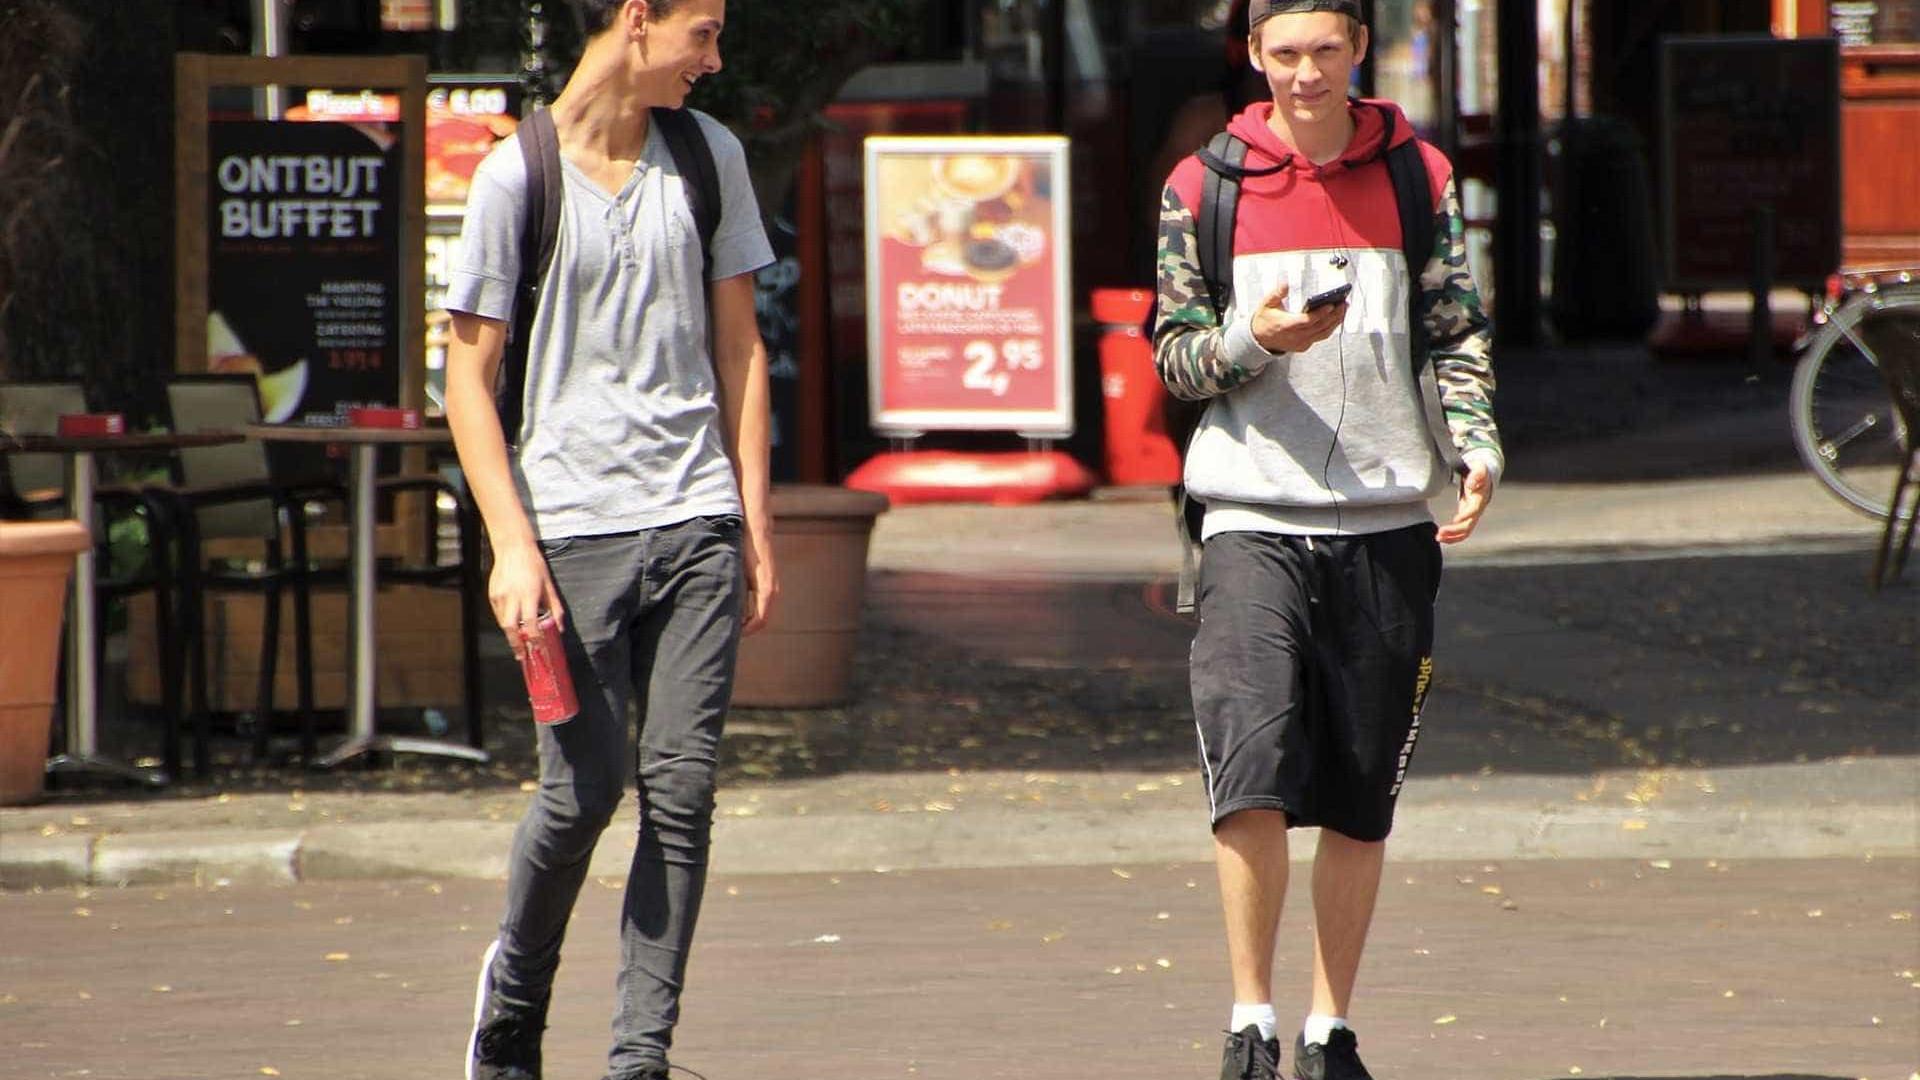 Havaí quer multar pedestres que usam celular ao atravessar a rua